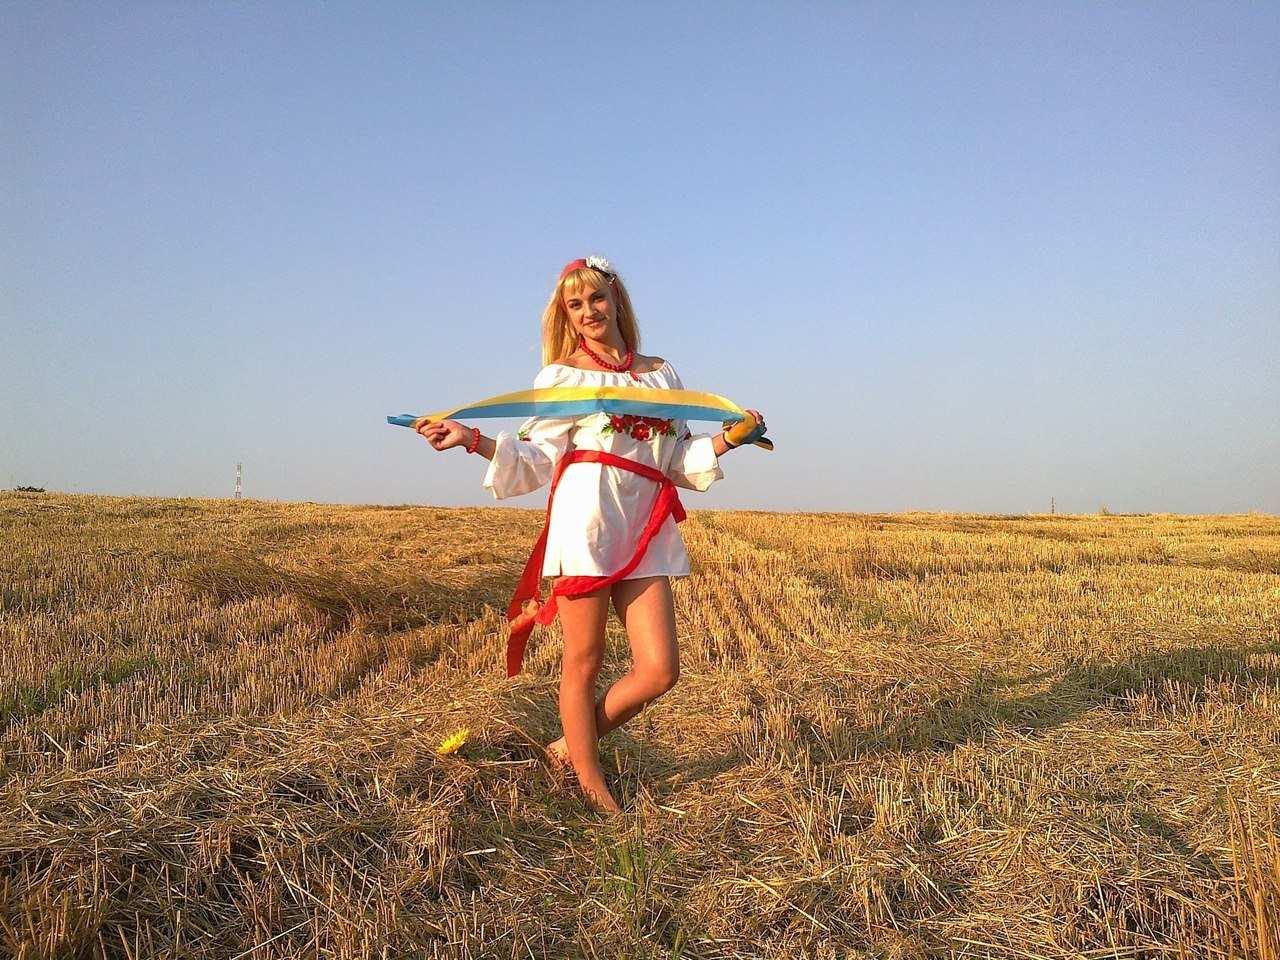 Дівчина на стерні » Український портал - Таємна Січ d66ad5626a266